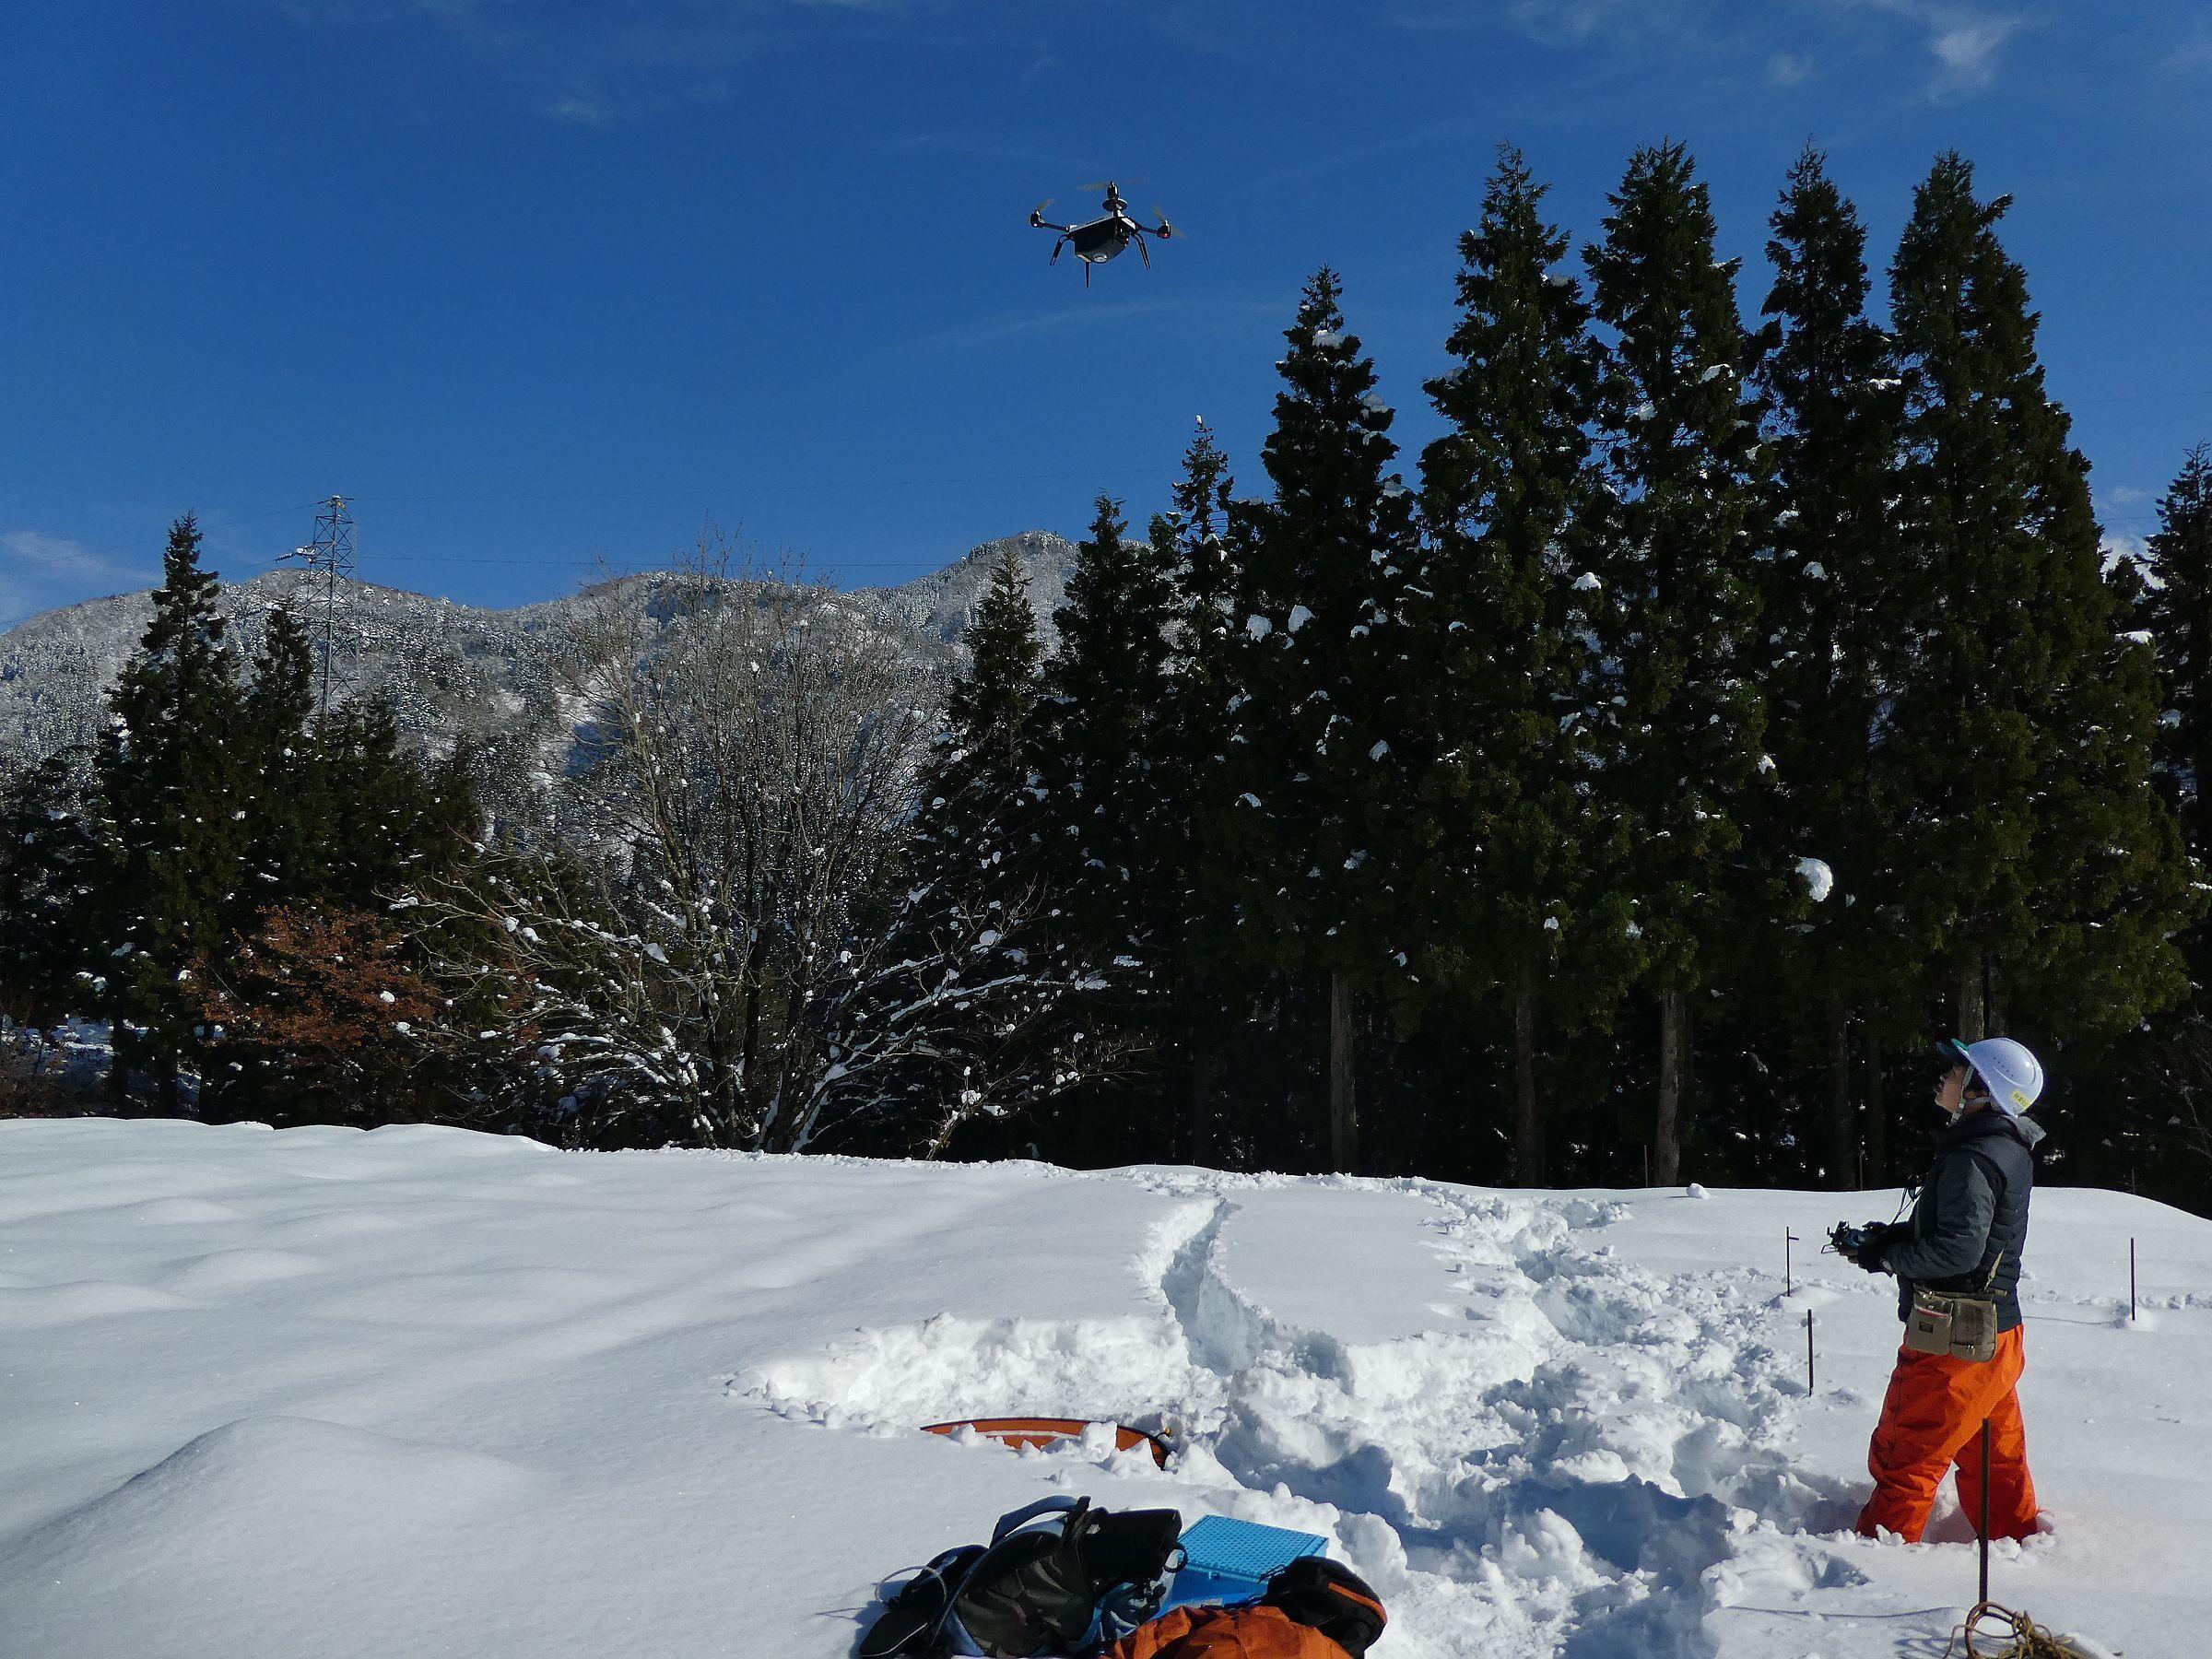 深層学習を用いて無人航空機(UAV)の空中写真データ等から森林境界や材積等を推定。林業の活性化を目指す産官学共同研究を開始。